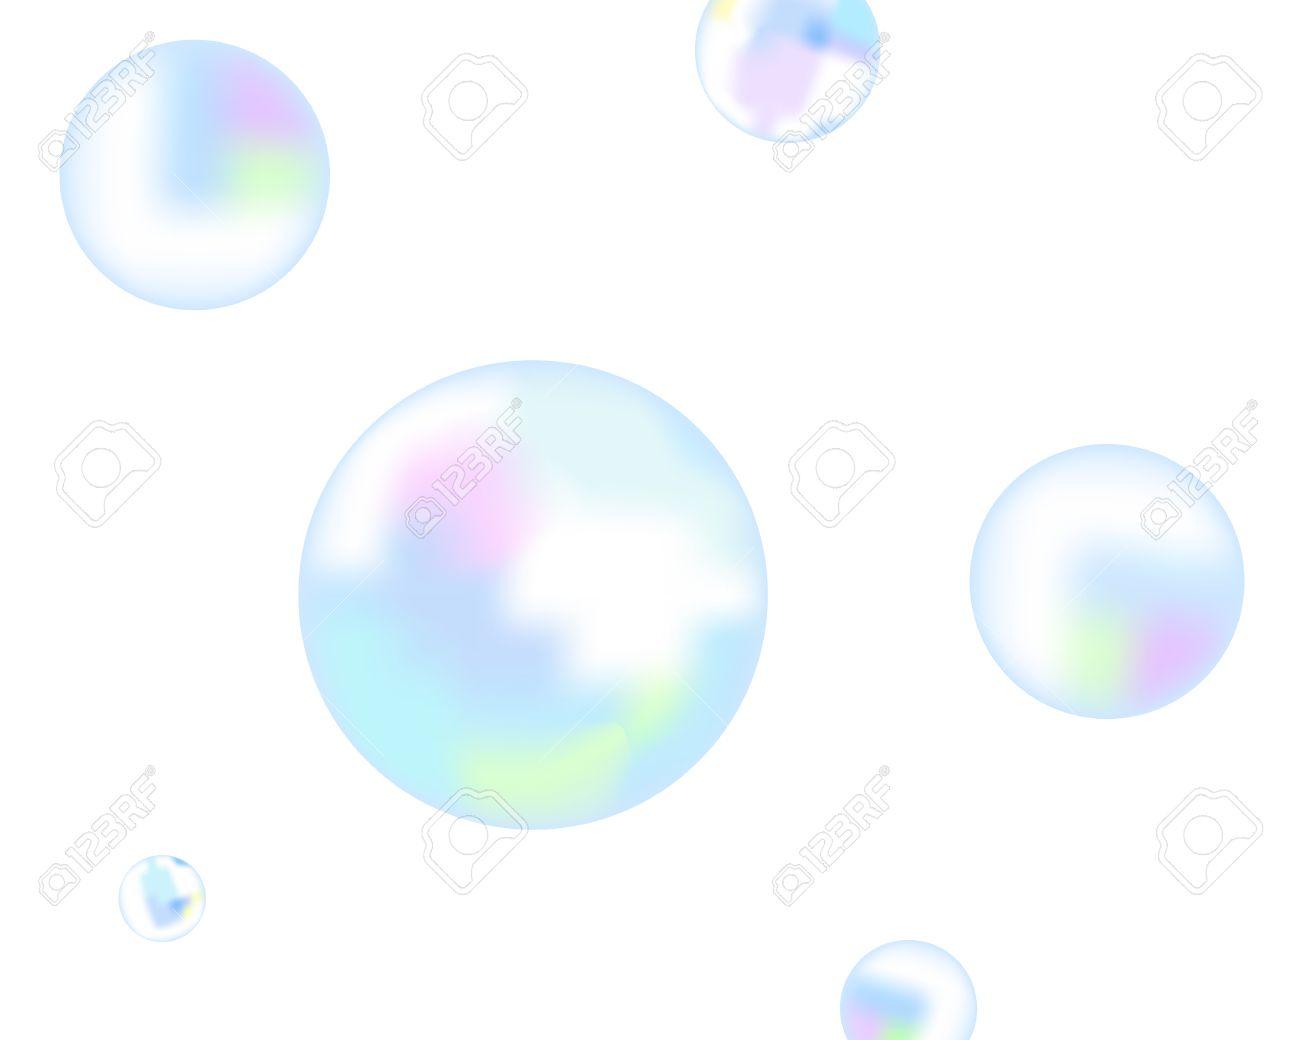 シャボン玉白い背景の上を飛ぶのイラスト素材ベクタ Image 7670450